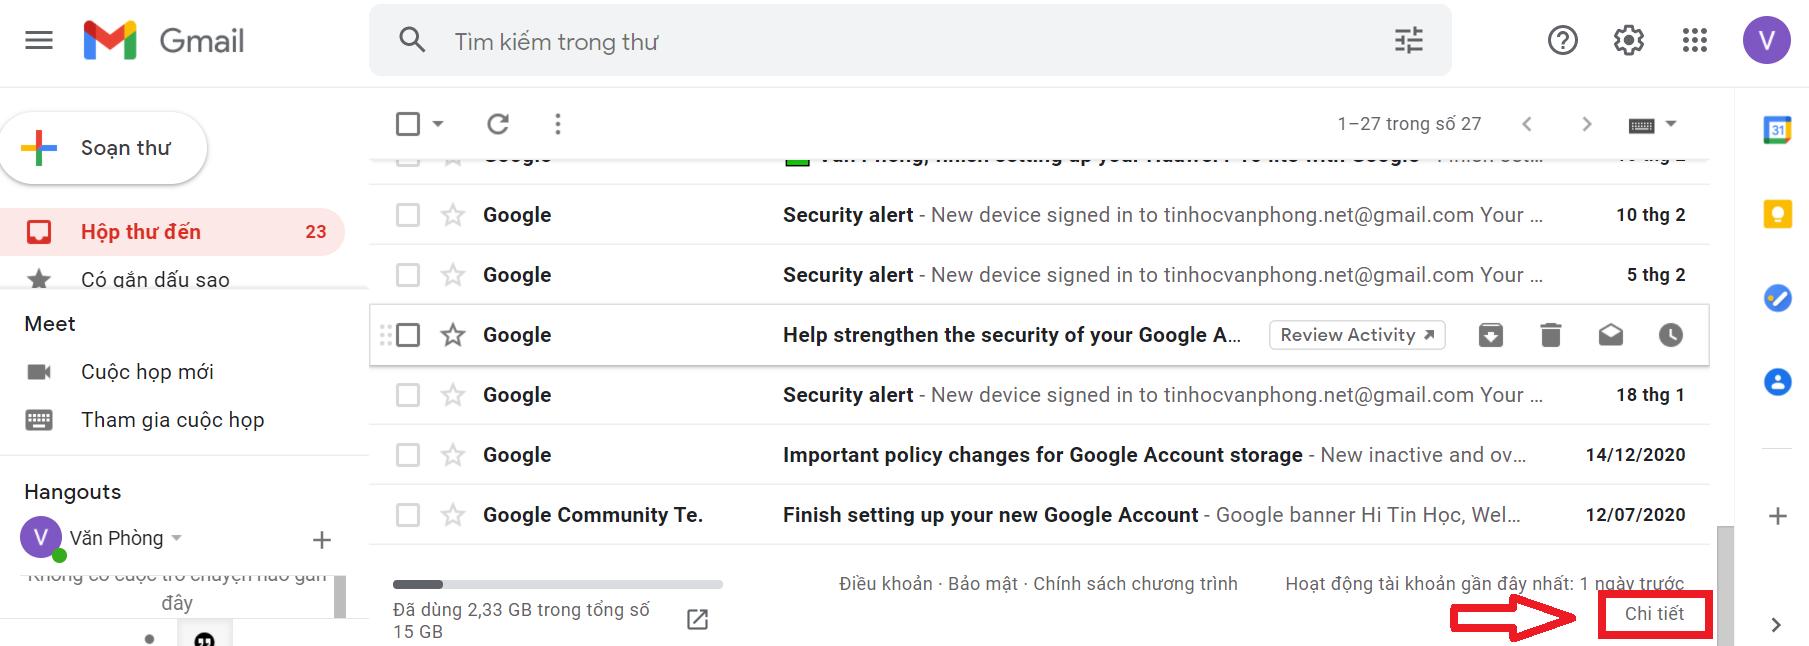 xem lịch sử đăng nhập gmail